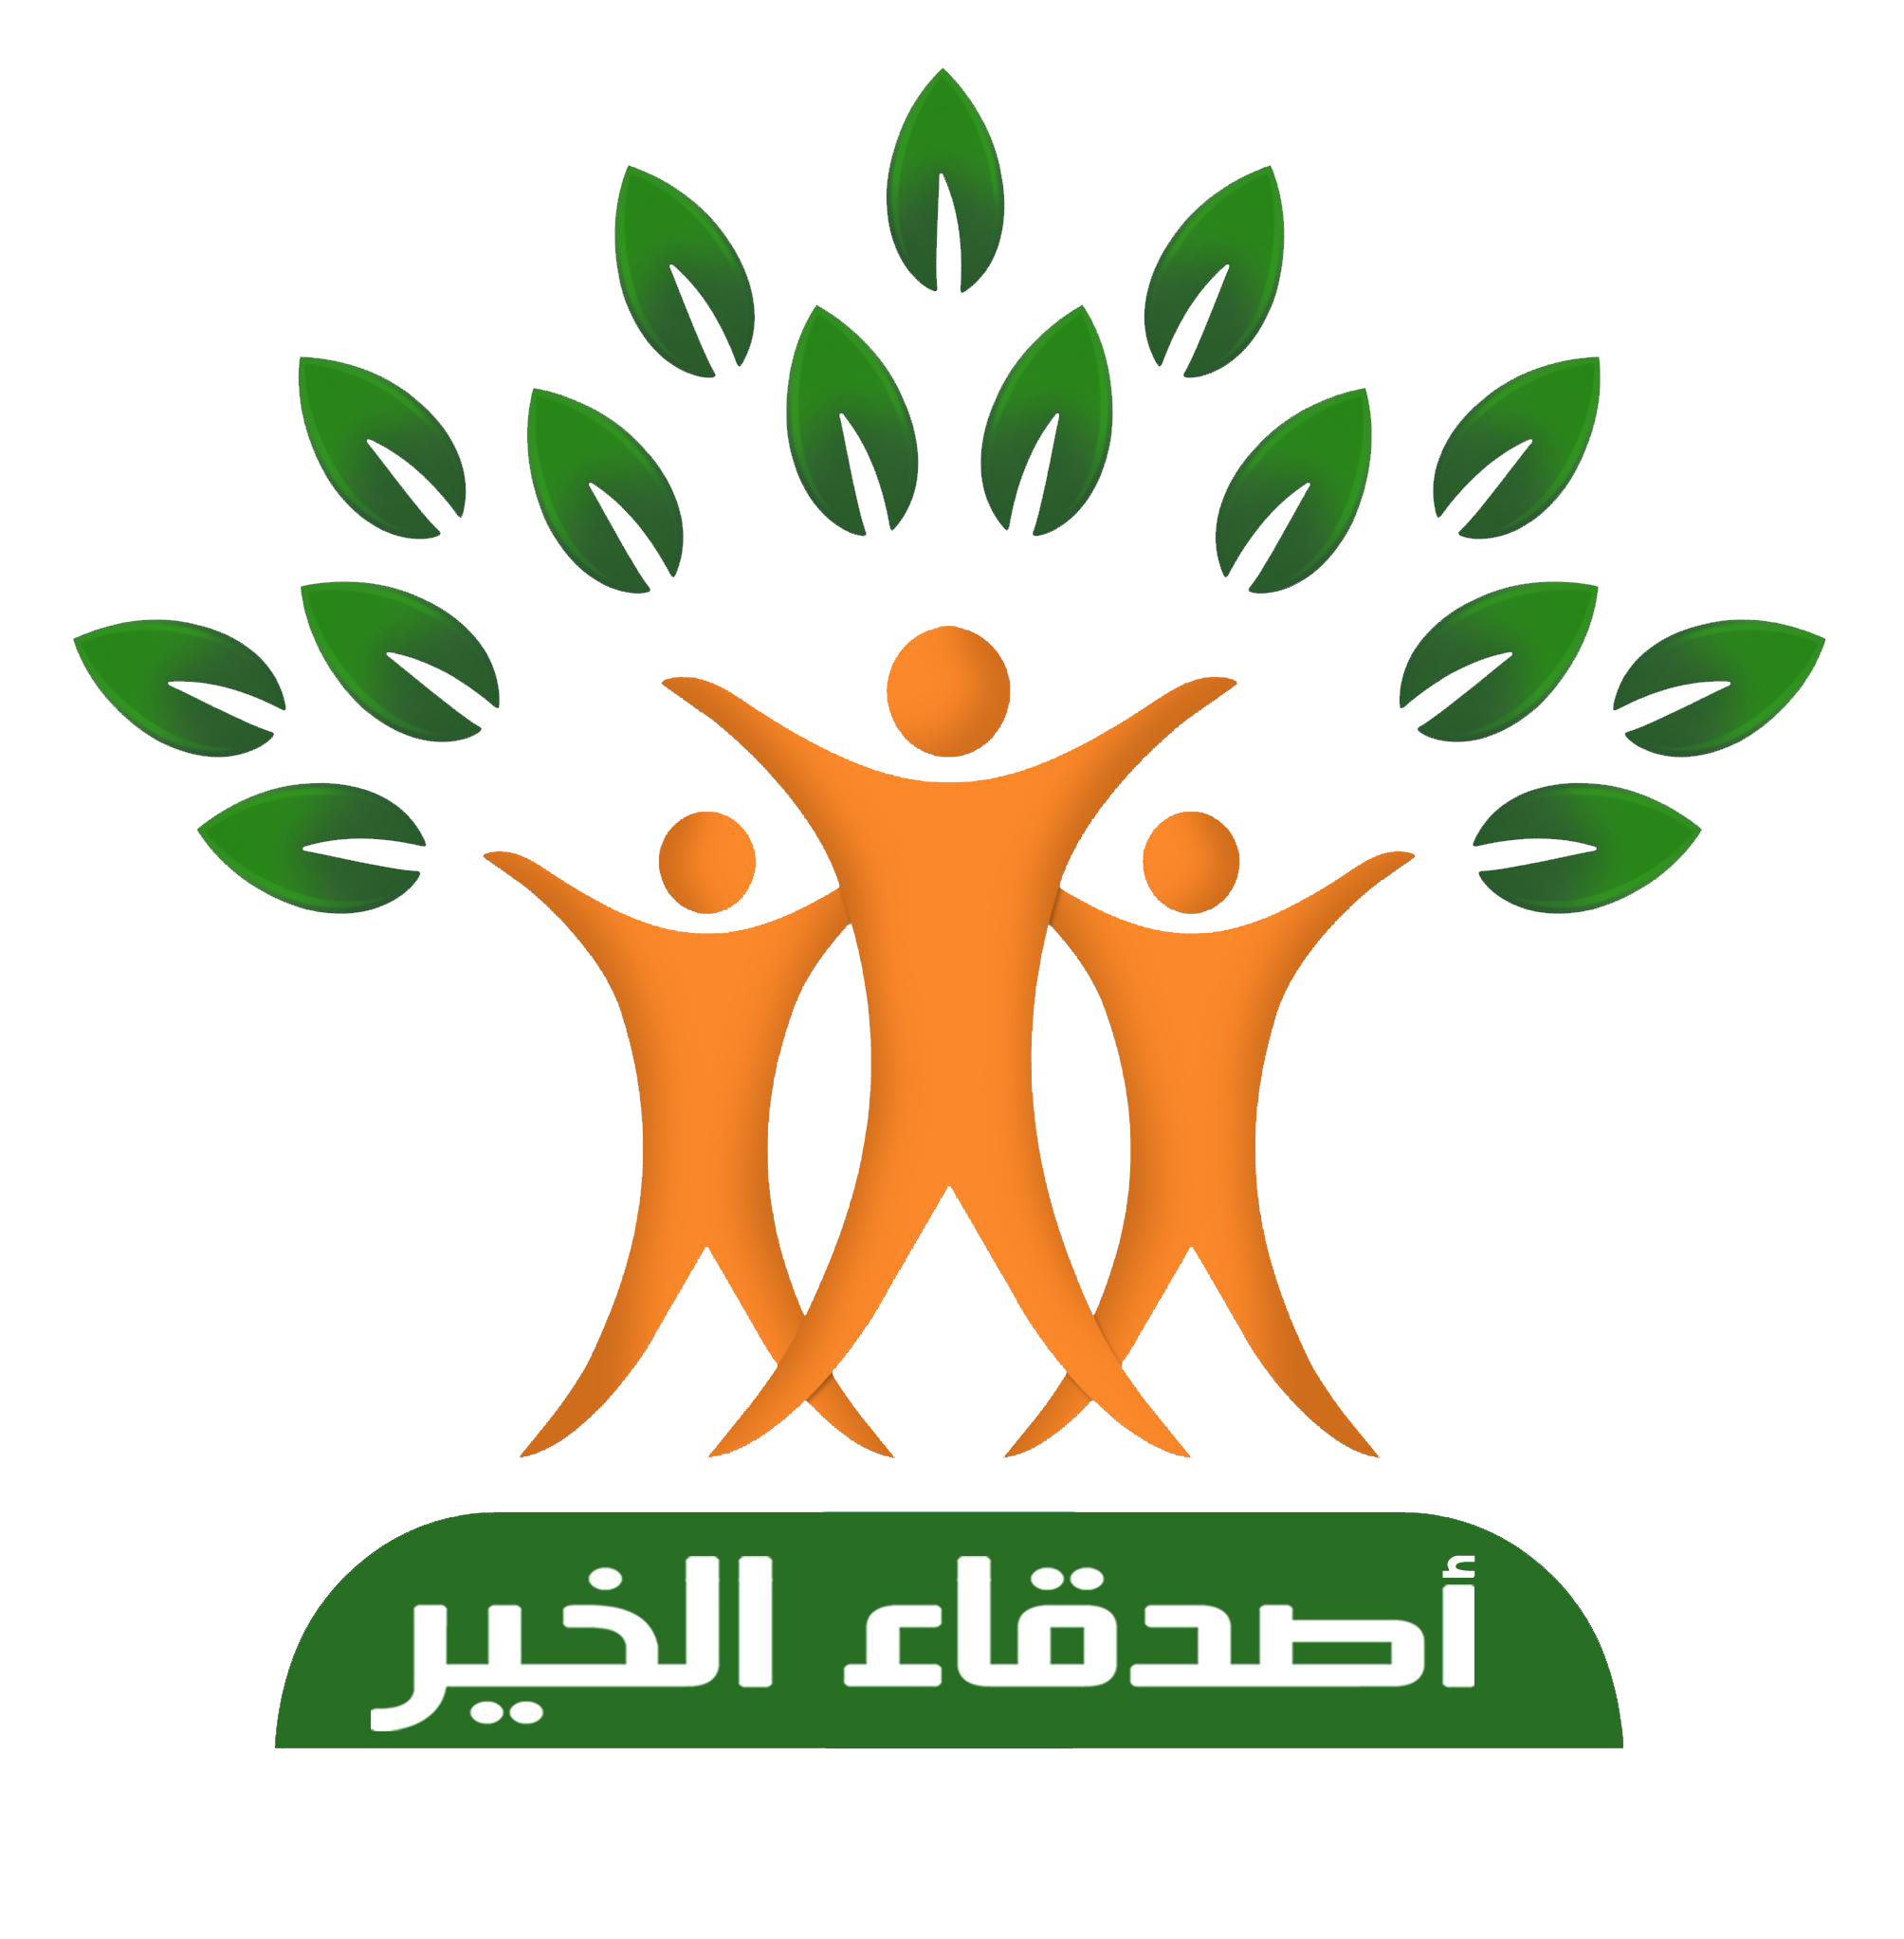 لوجو جمعية اصدقاء الخير